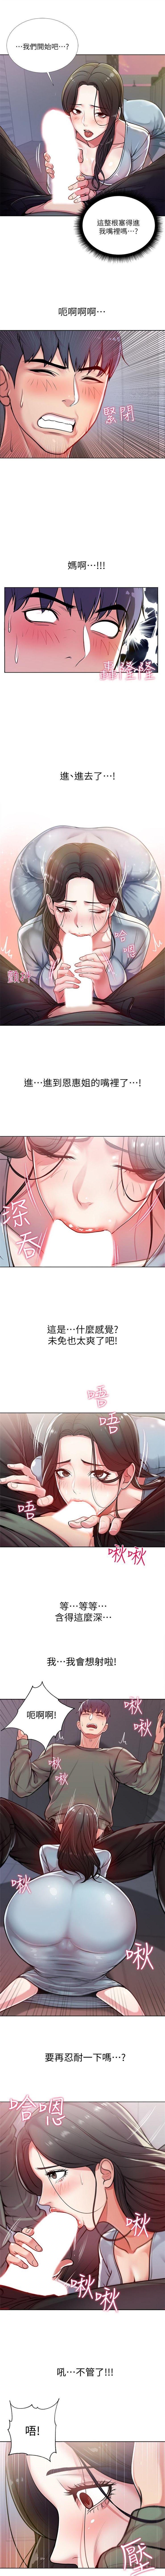 (週3)超市的漂亮姐姐 1-22 中文翻譯(更新中) 44